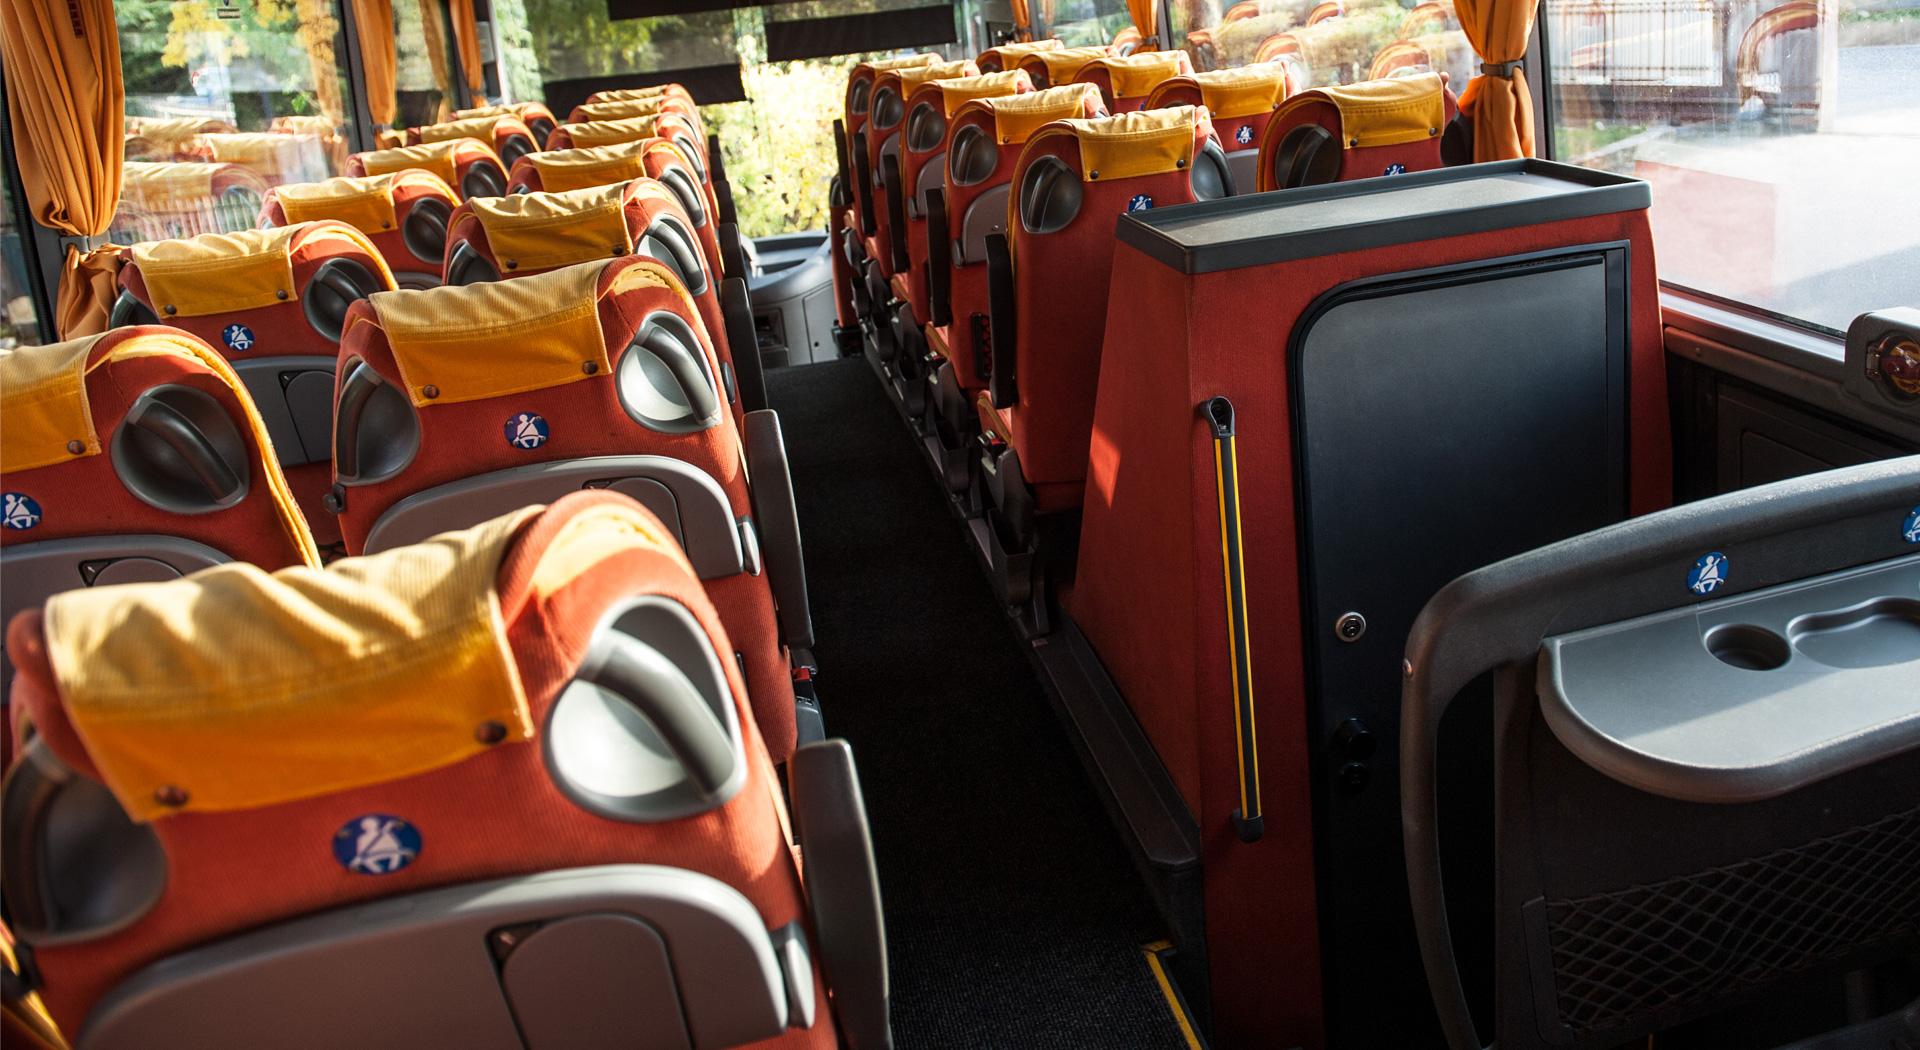 Pasqualini Autobus Verona - Evobus Mercedes Benz 3